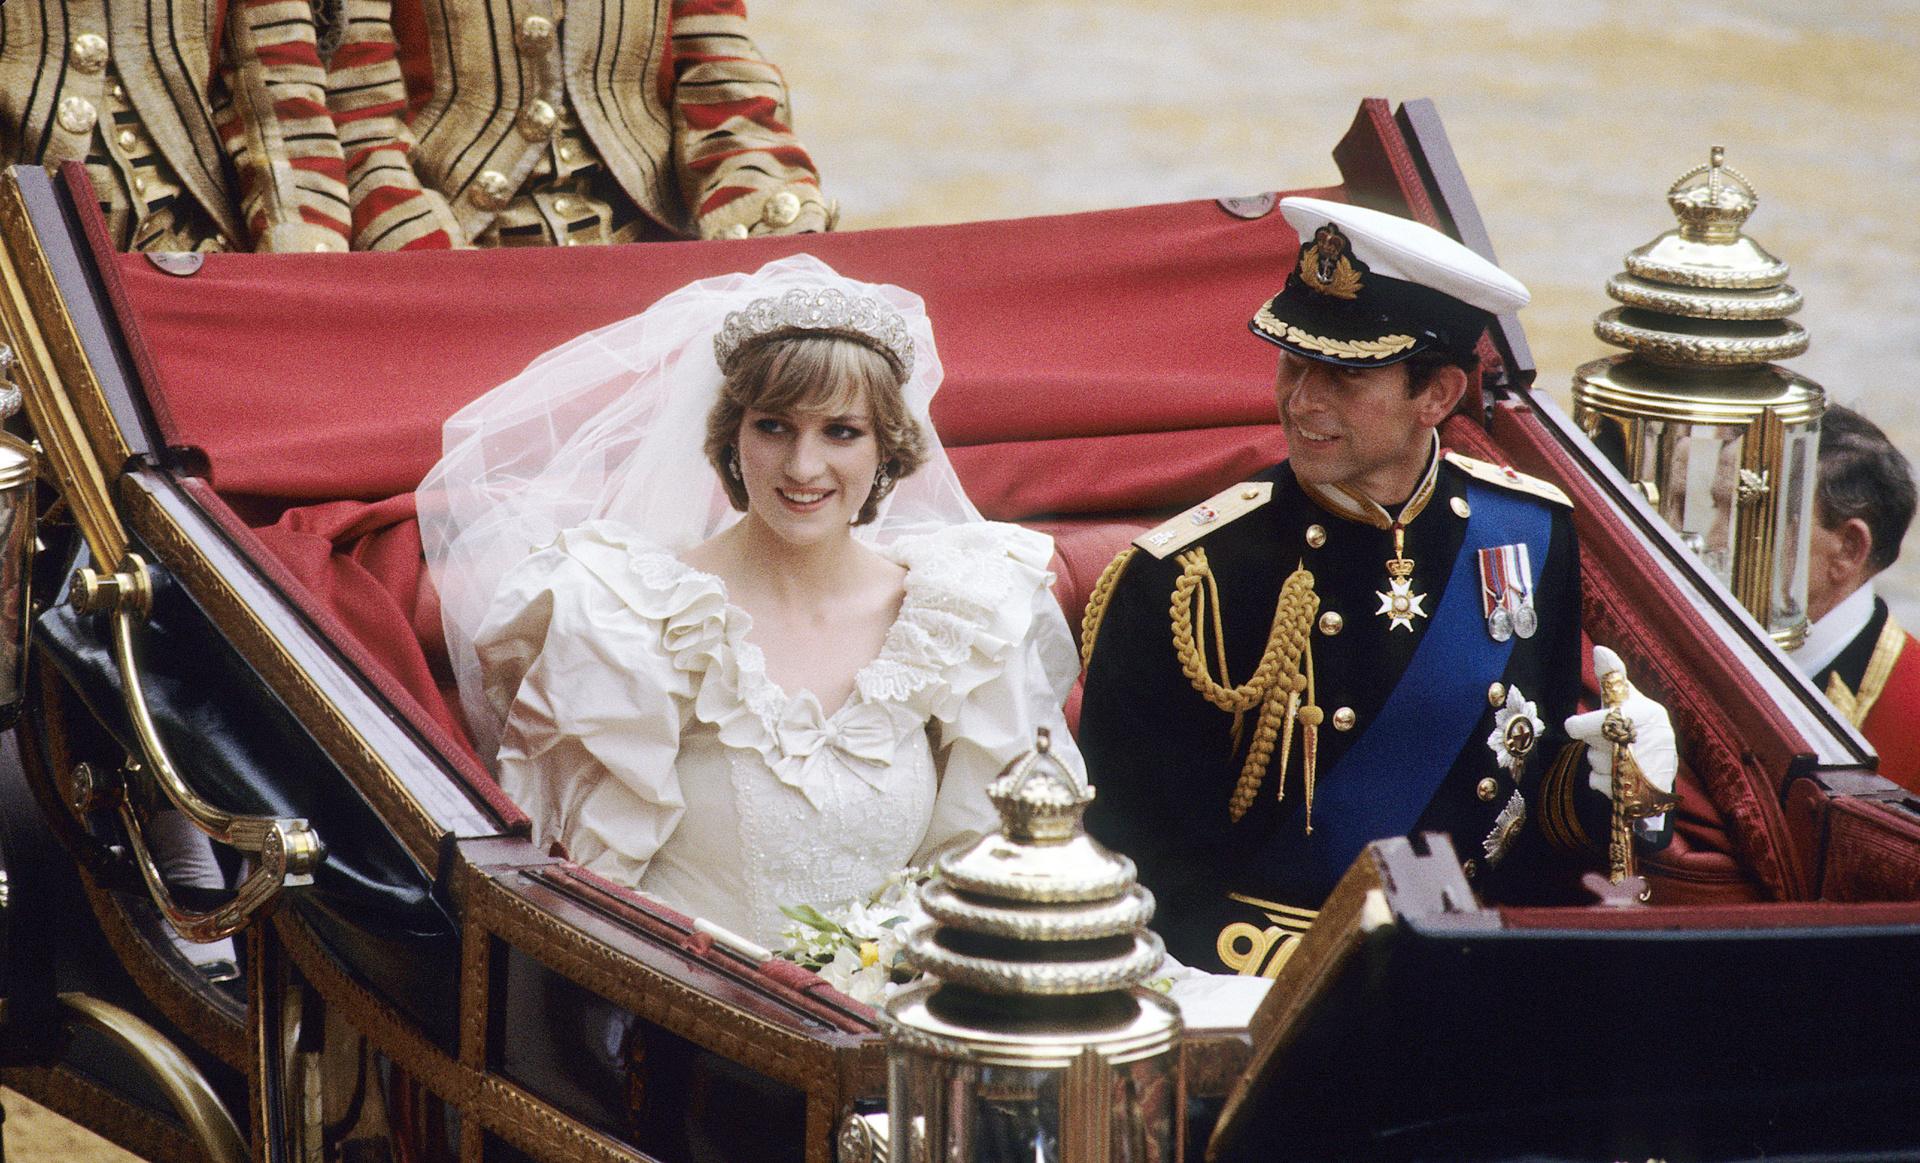 Als Diana 1981 Prinz Charles heiratet, ahnt sie, dass er eine andere liebt. Es ist ein Geheimnis mit großer Sprengkraft für die Monarchie.  © ZDF/Hussein, Anwar